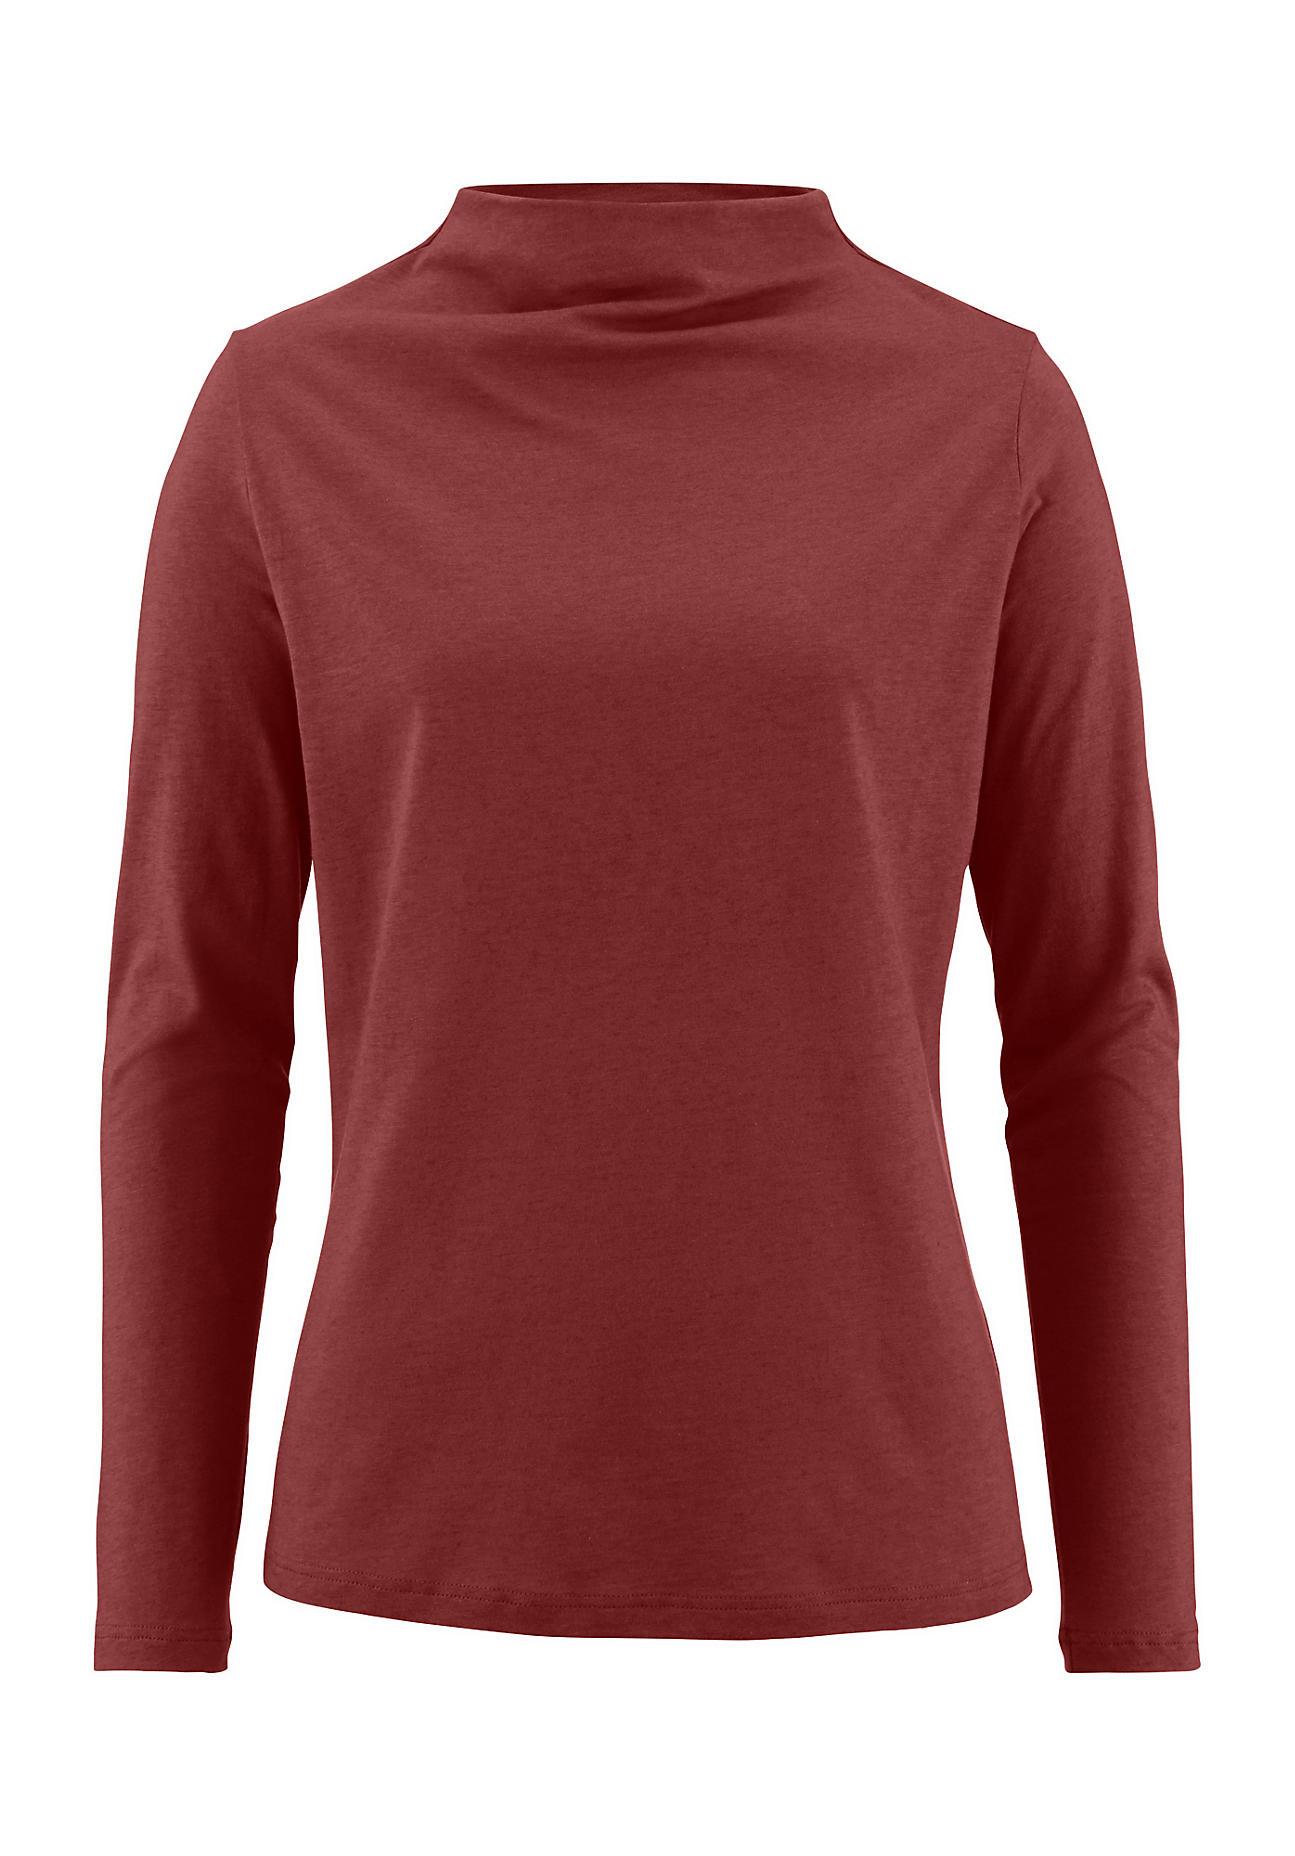 Image of hessnatur Damen Shirt aus Bio-Baumwolle mit Bio-Schurwolle – rot – Größe 34